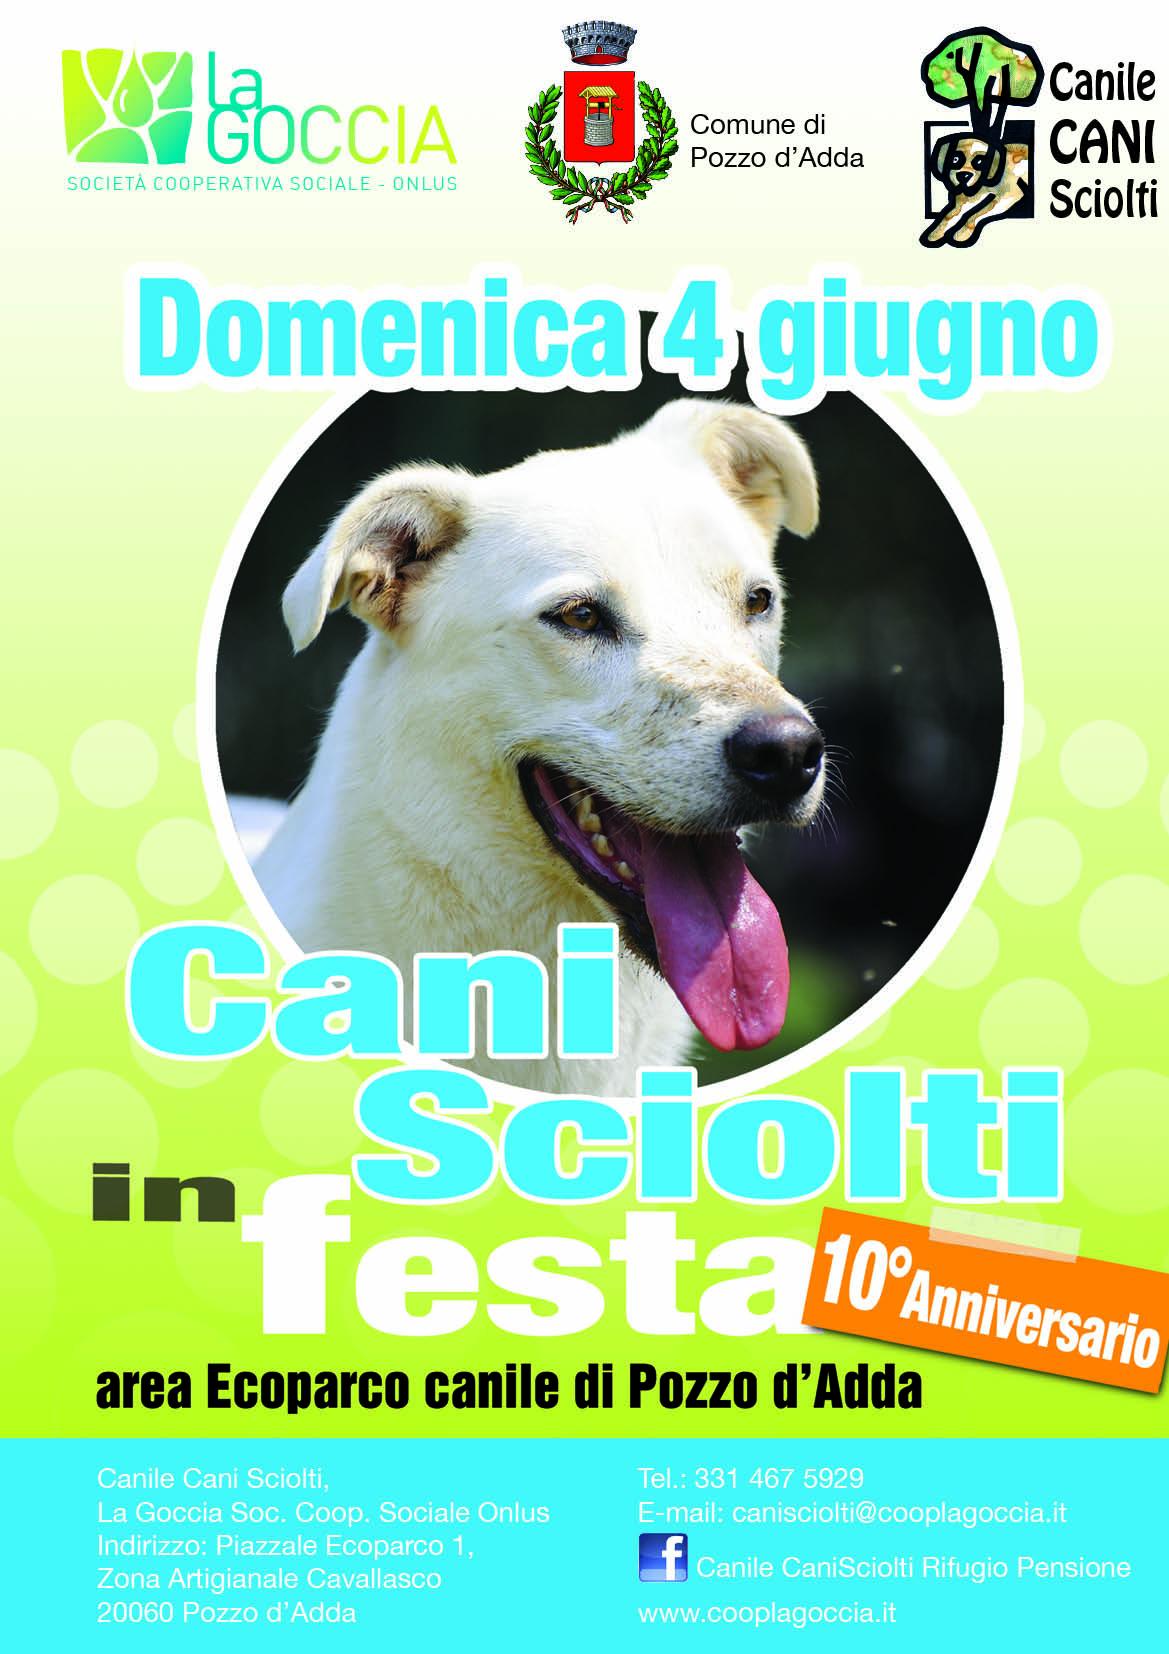 Cani Sciolti in festa - 10' anniversario